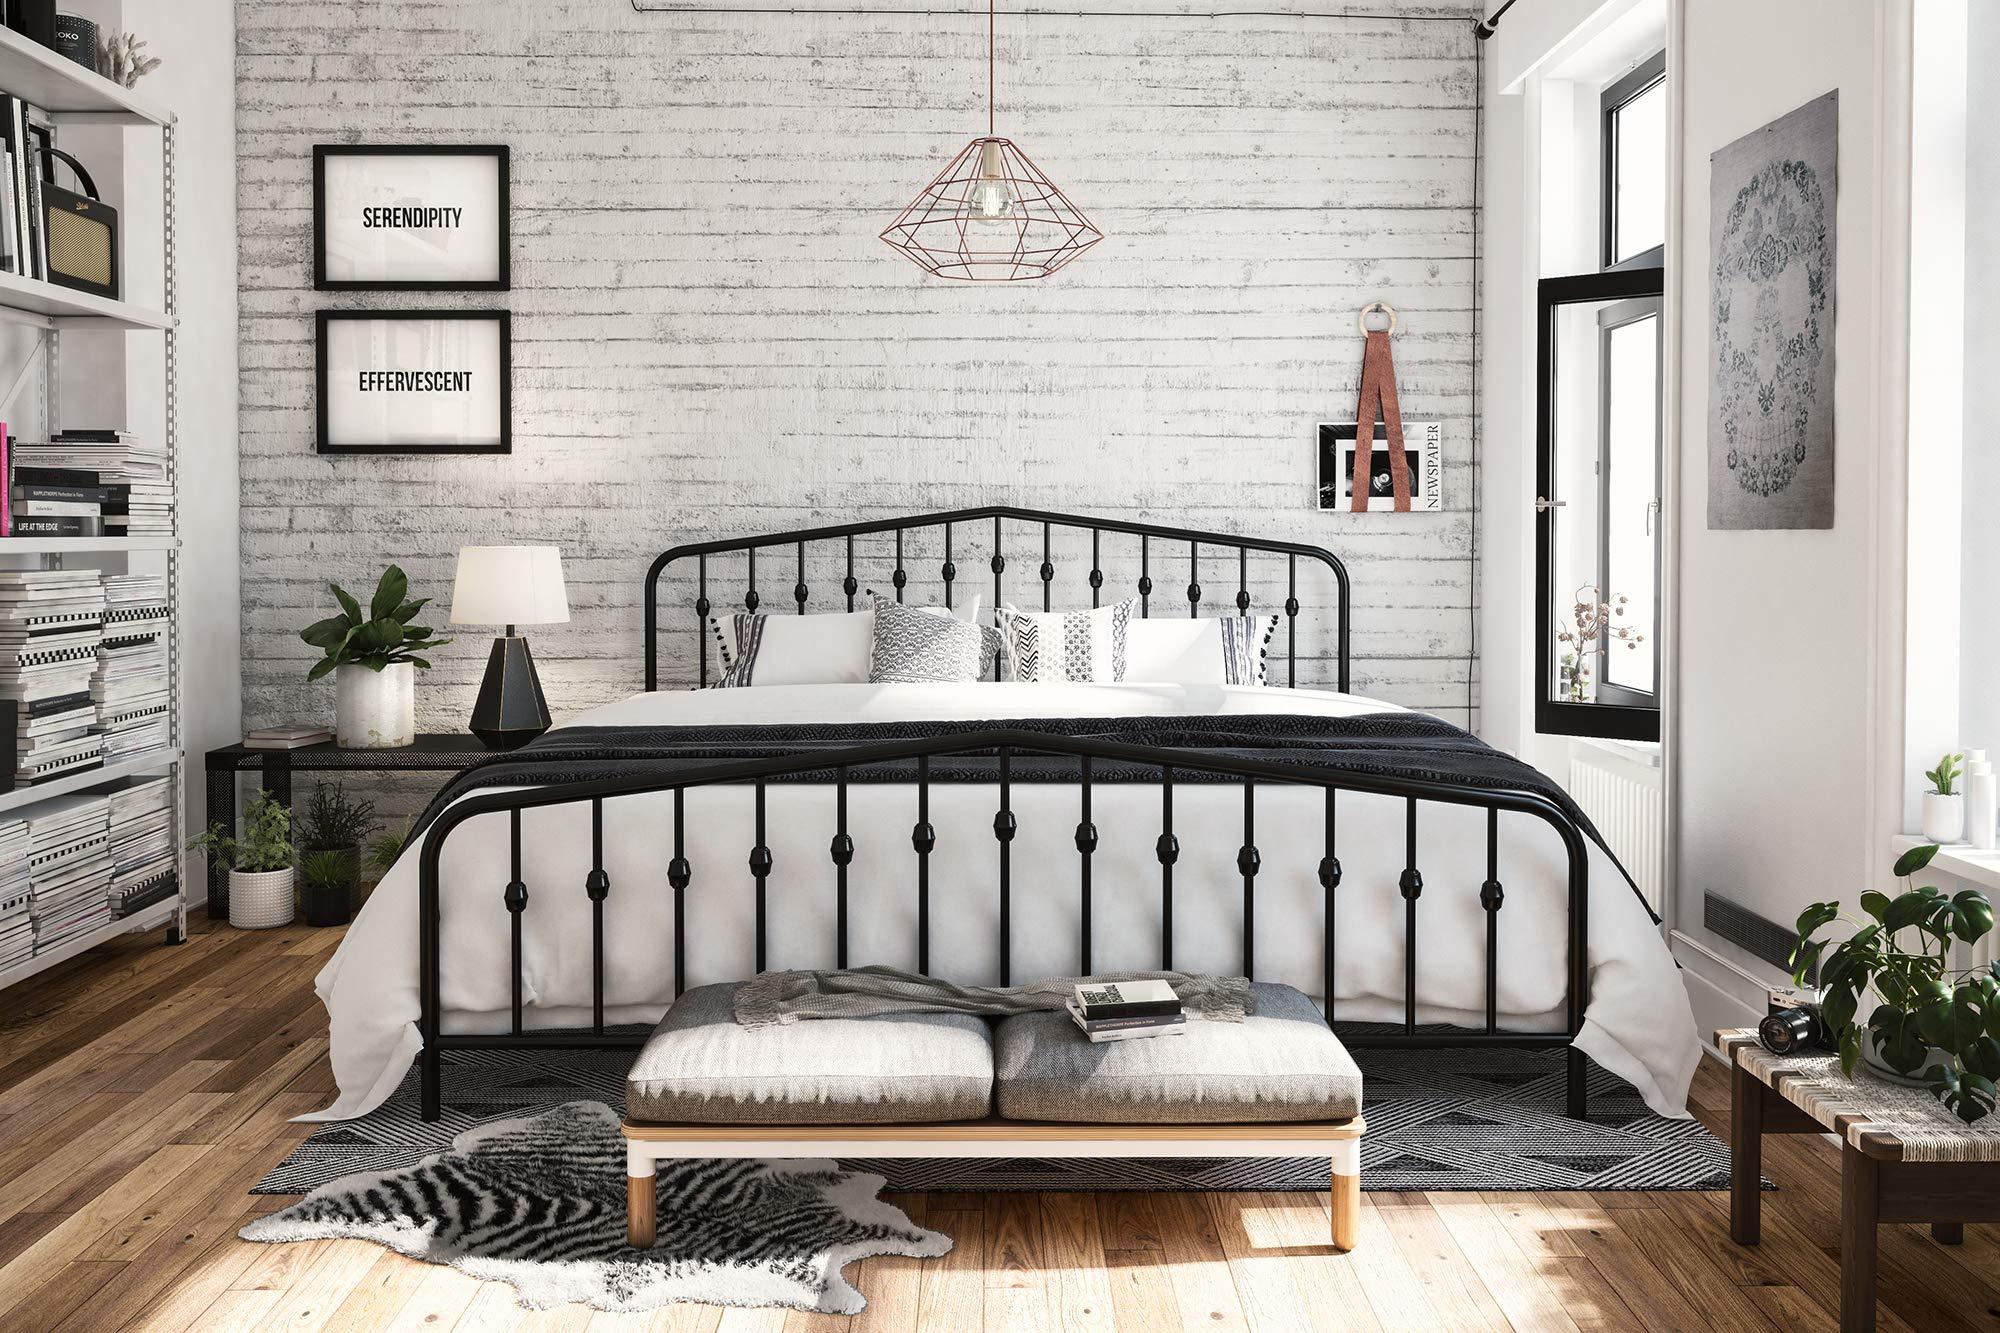 Novogratz 4044049N Bushwick Metal Bed, King, Black